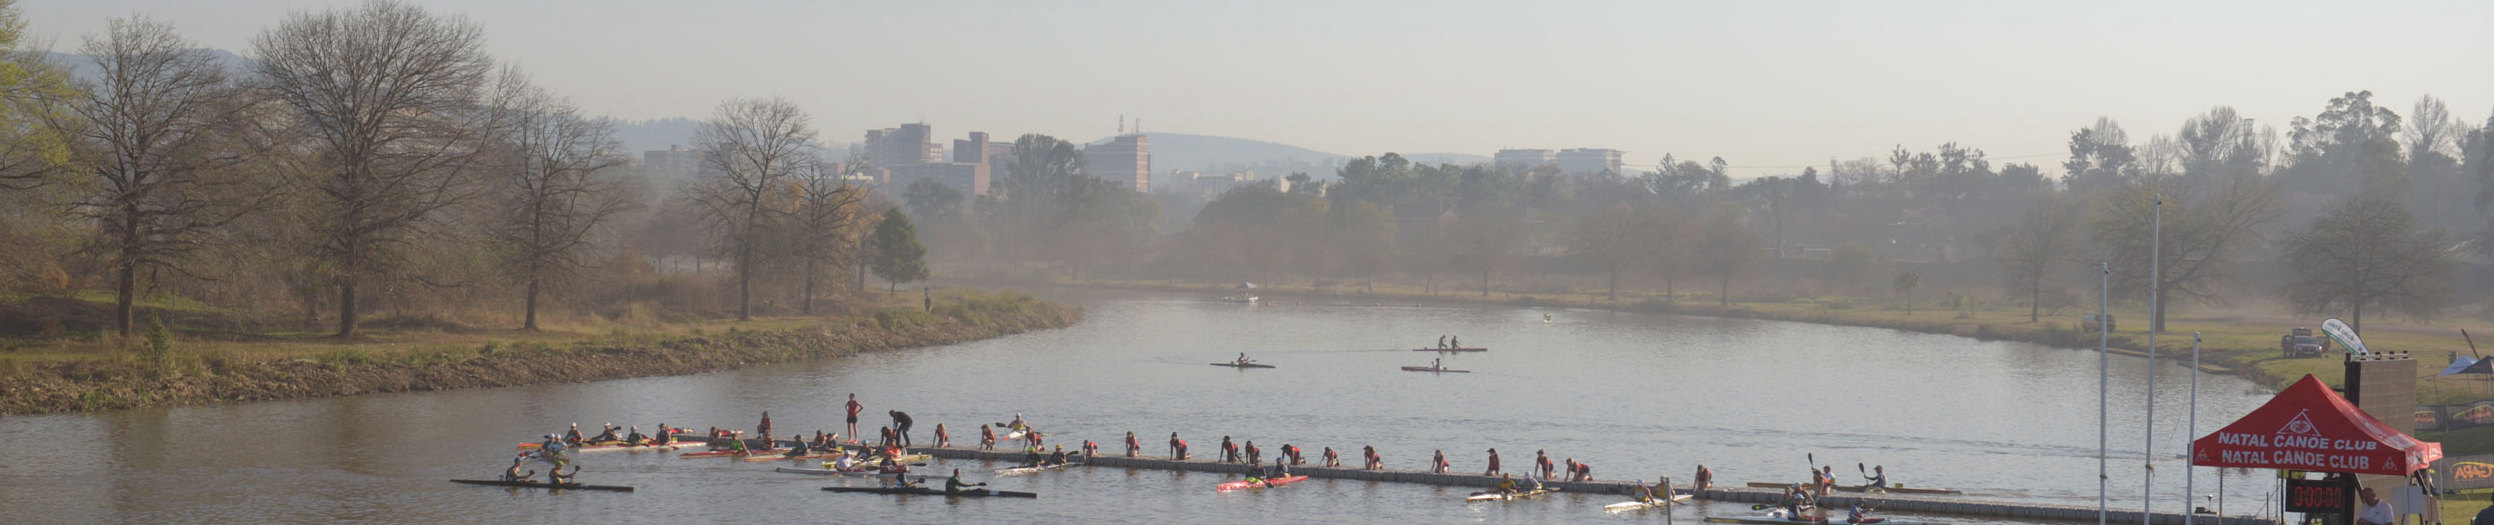 KwaZulu-Natal Canoe Club